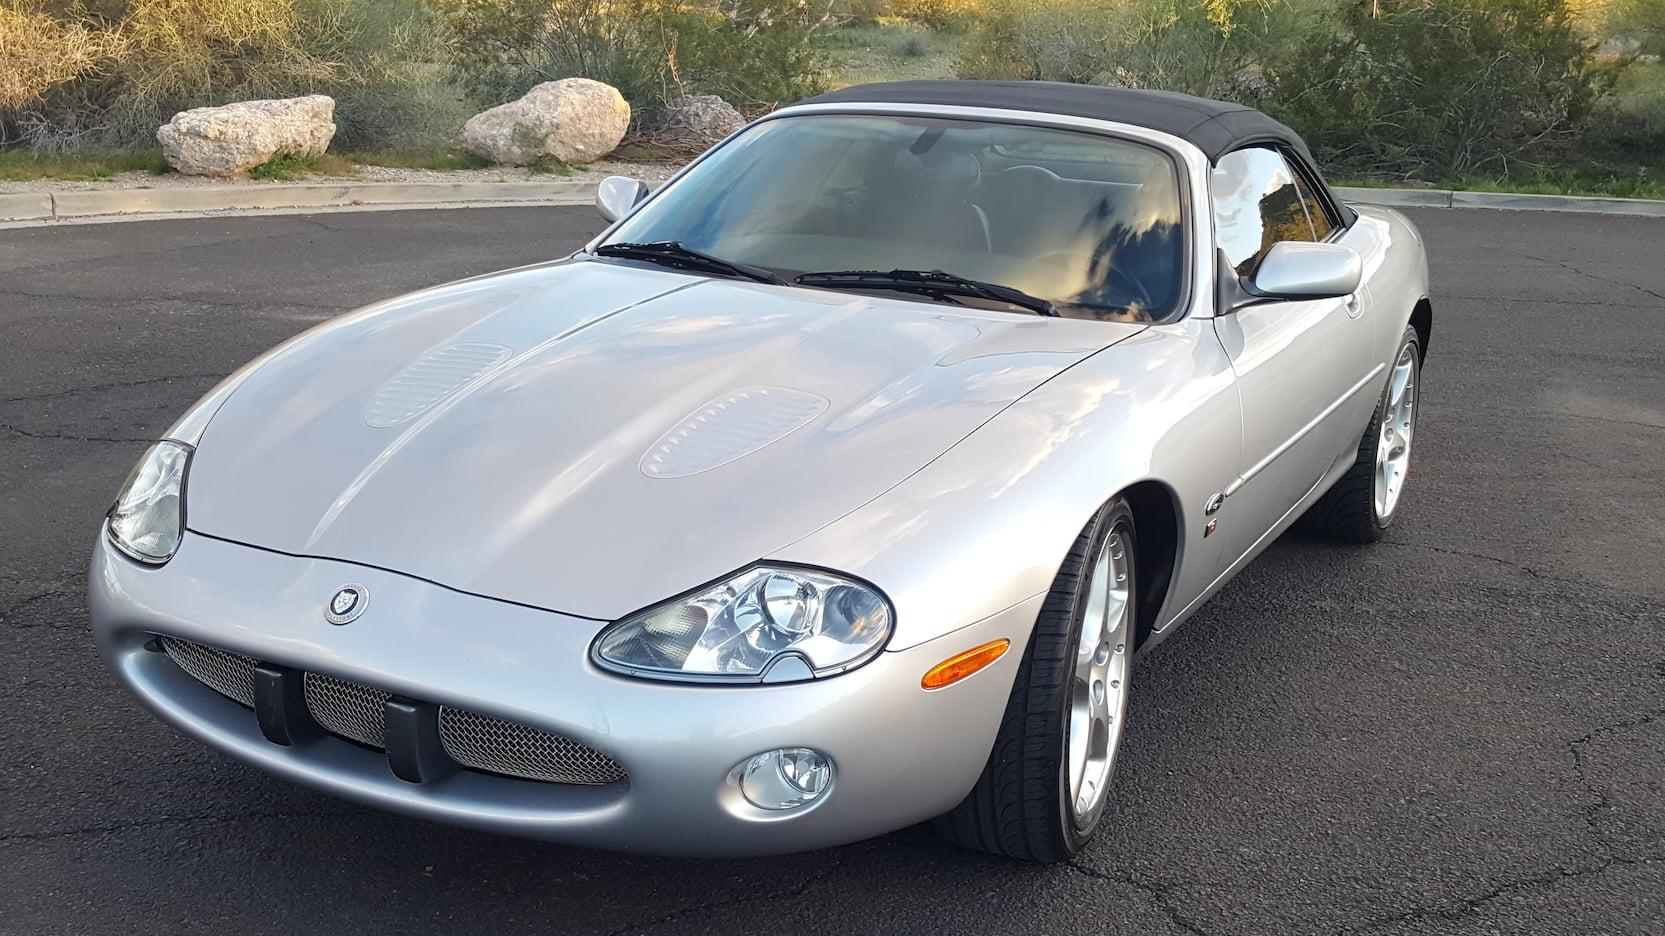 2001 Jaguar XKR front 3/4